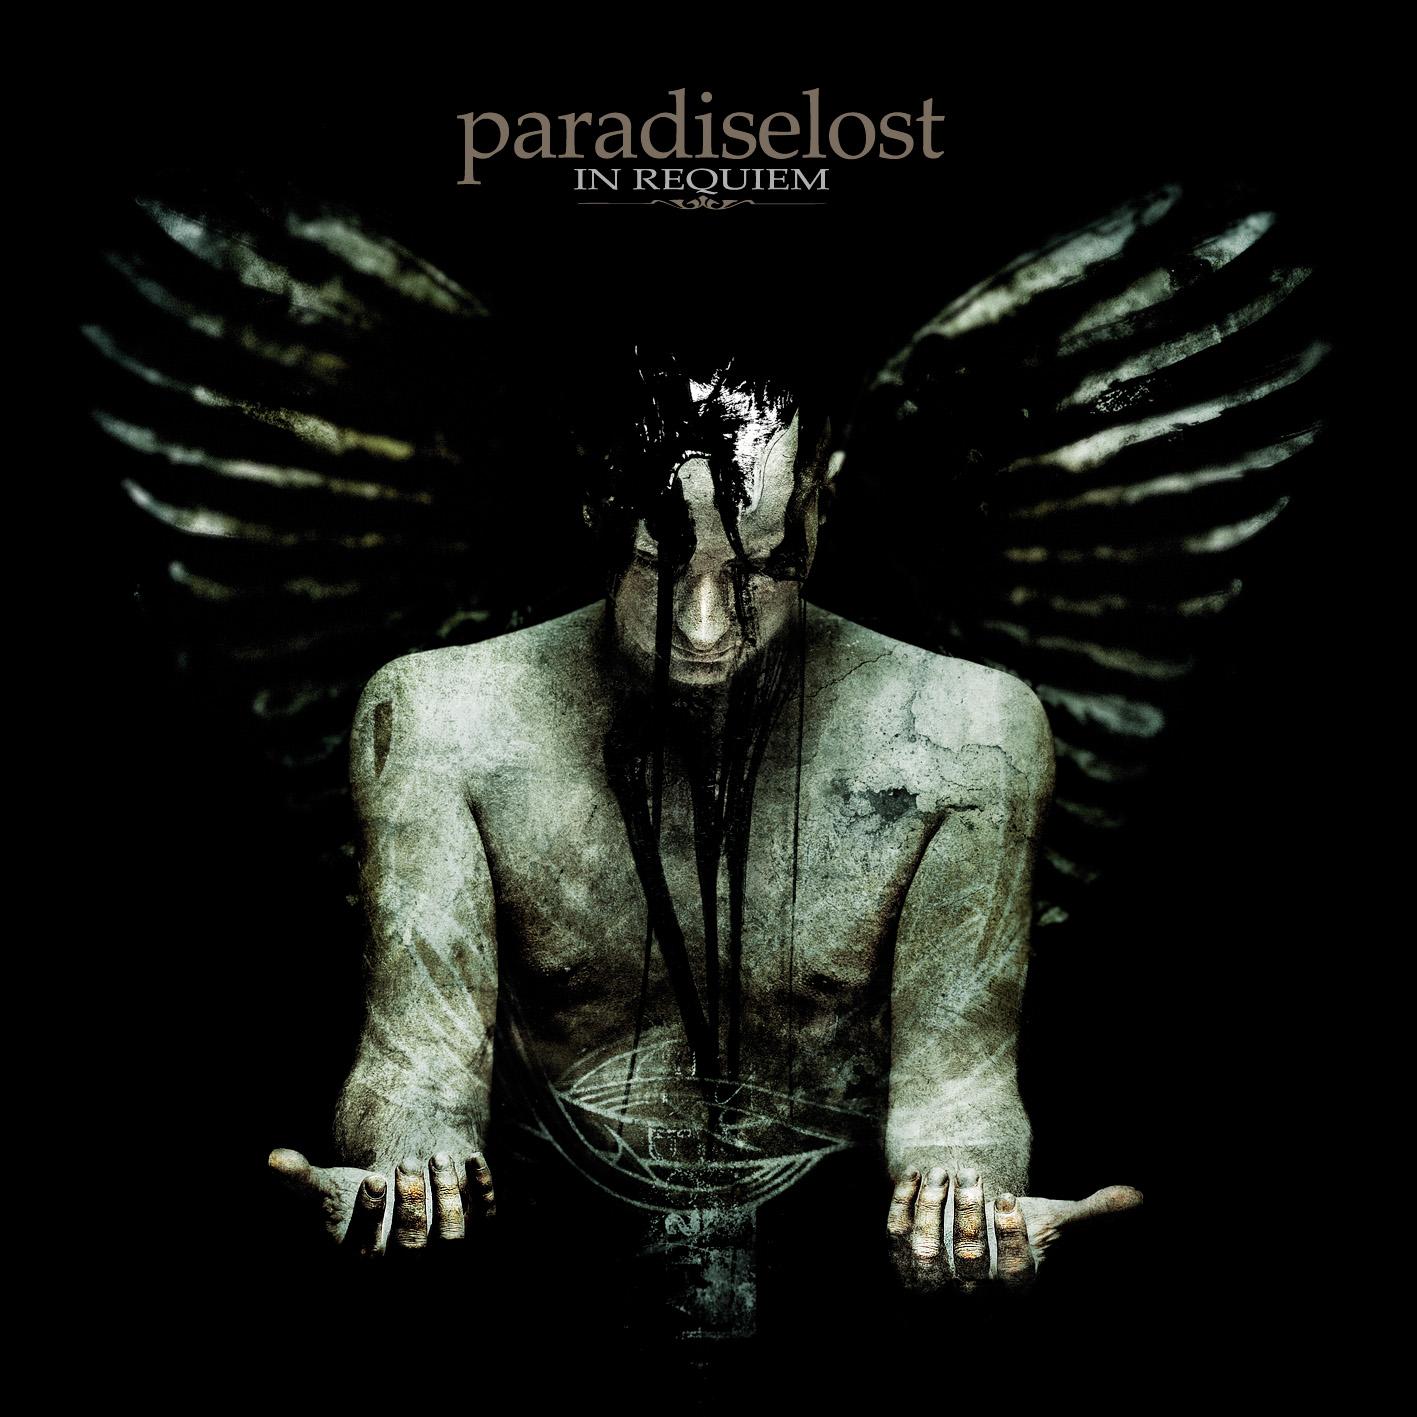 paradise lost in requiem